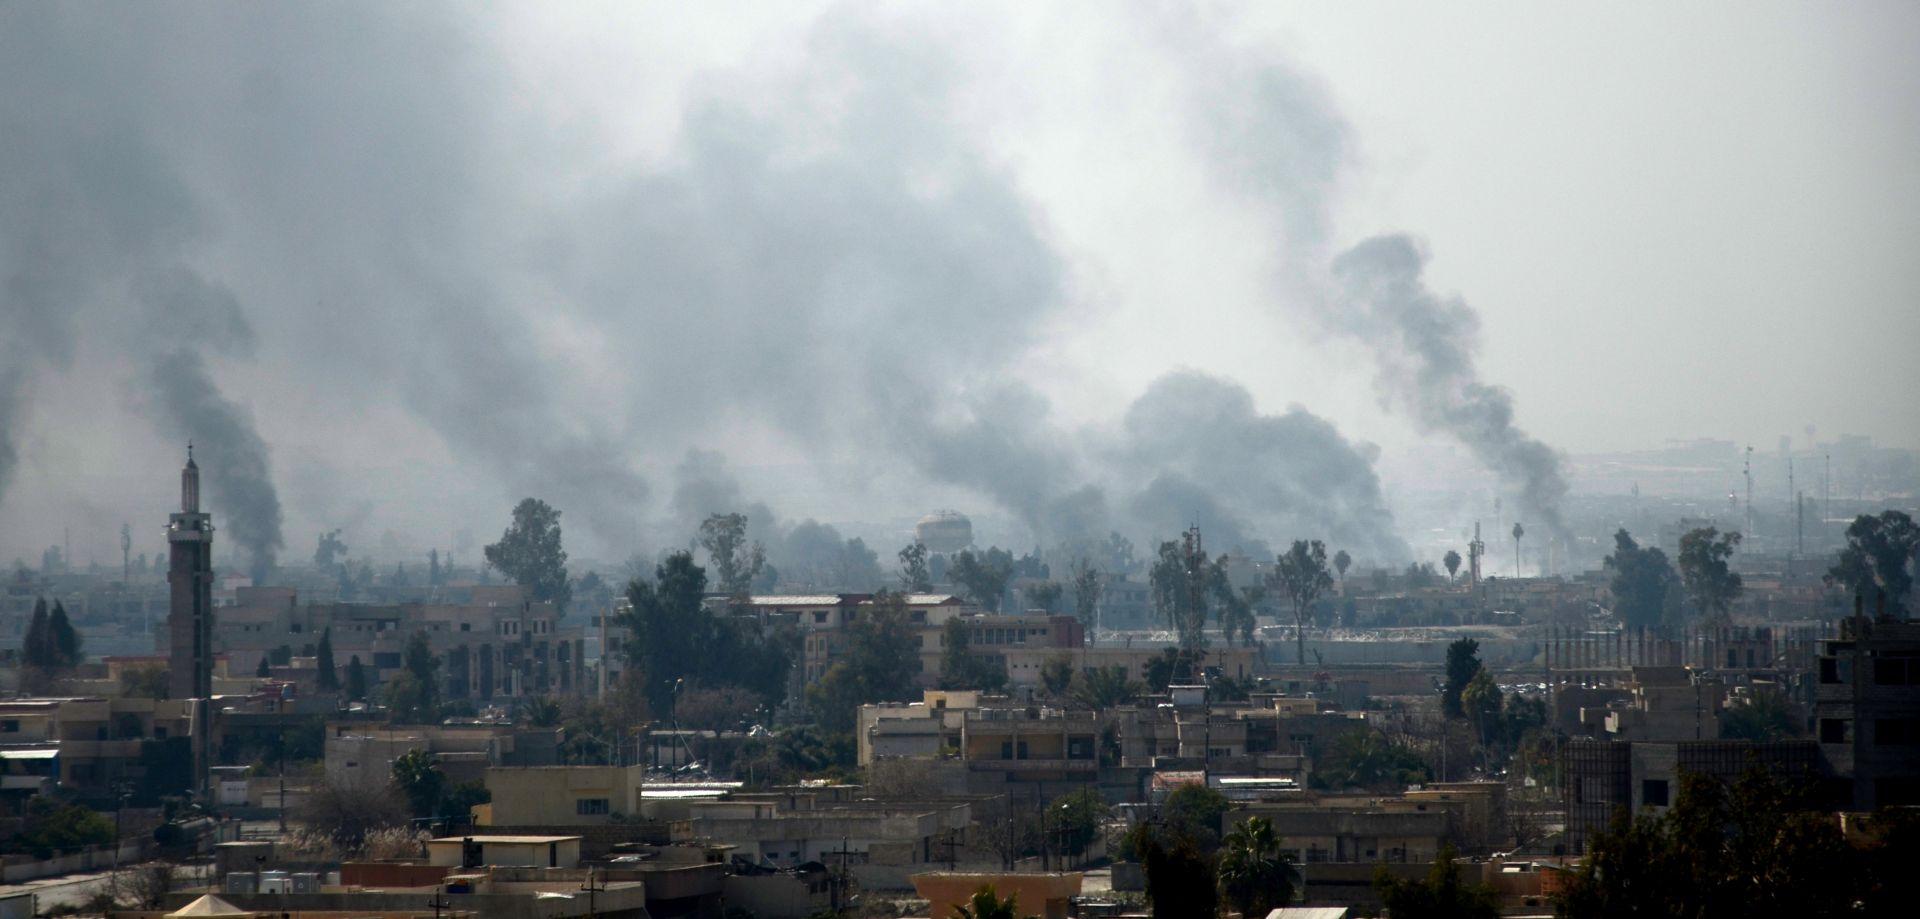 Iračko bombardiranje IS u Siriji vođeno u koordinaciji s Damaskom